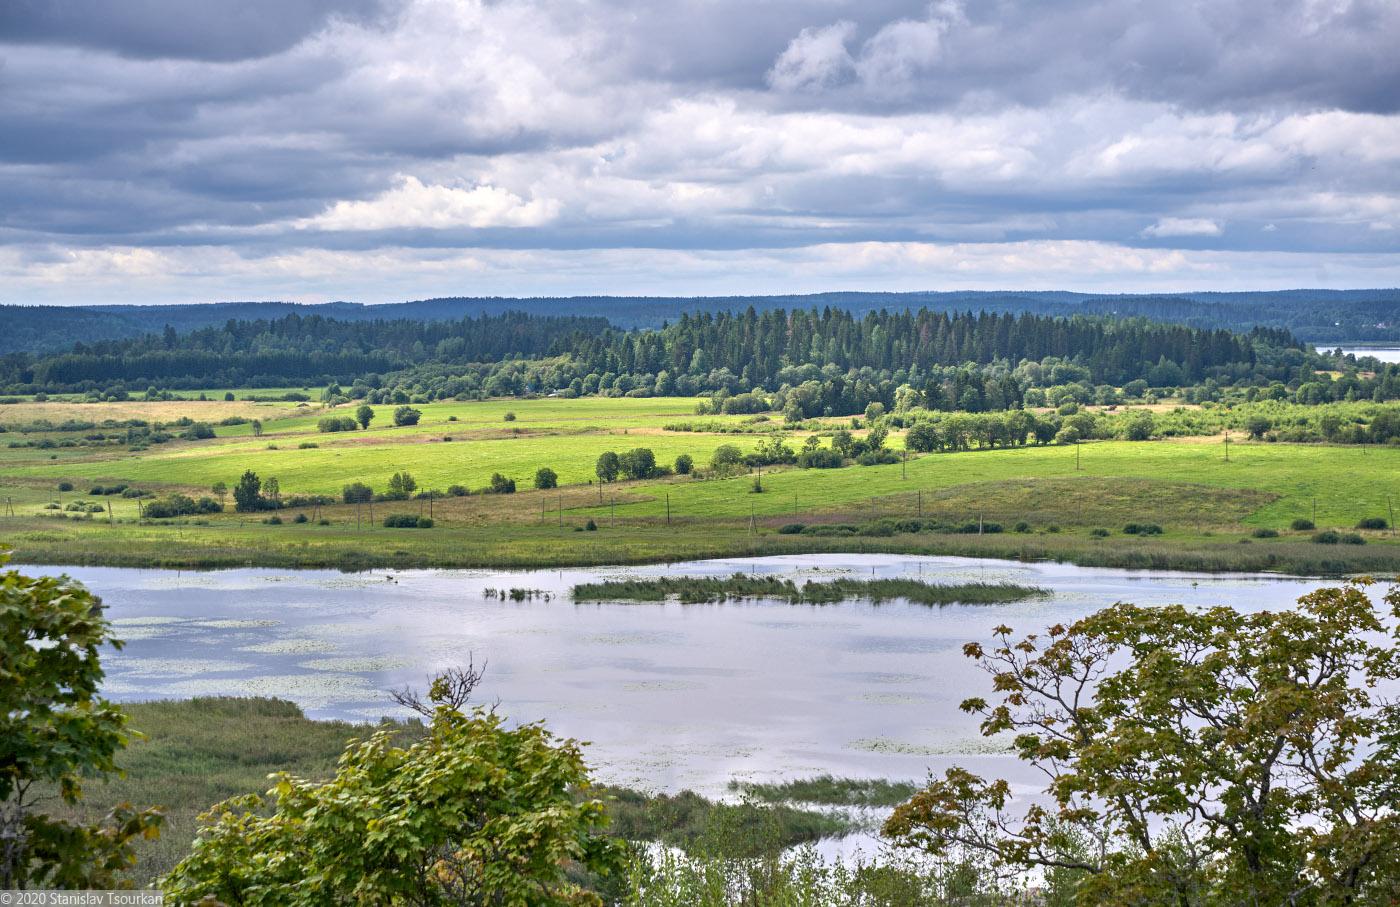 Карелия, республика Карелия, гора, Кухавуори, пейзажи, природа, Айранне